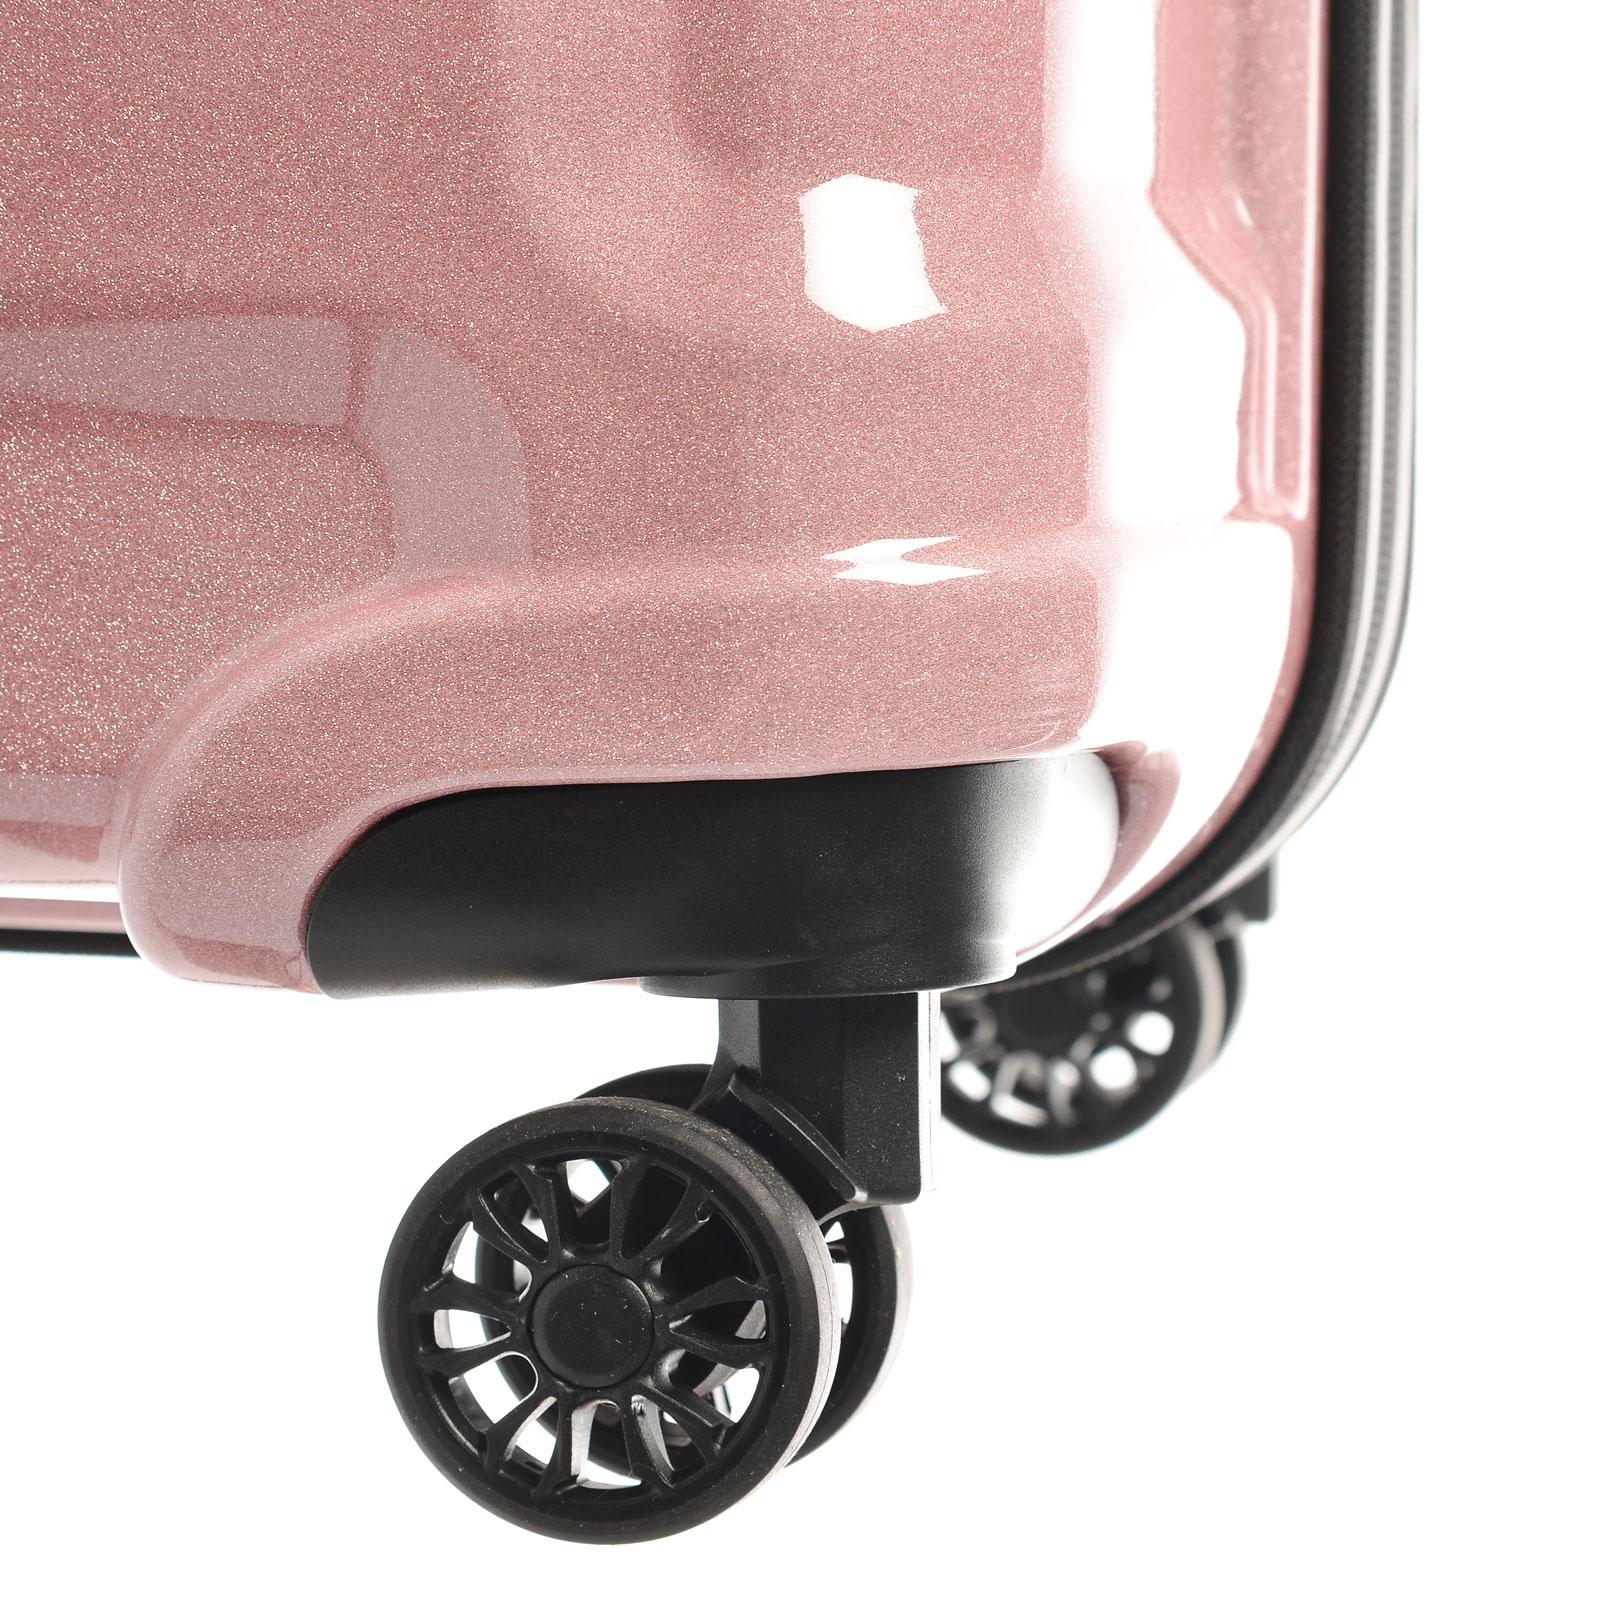 Epic Crate Reflex Kabinentrolley 55 cm 4 Rollen günstig kaufen